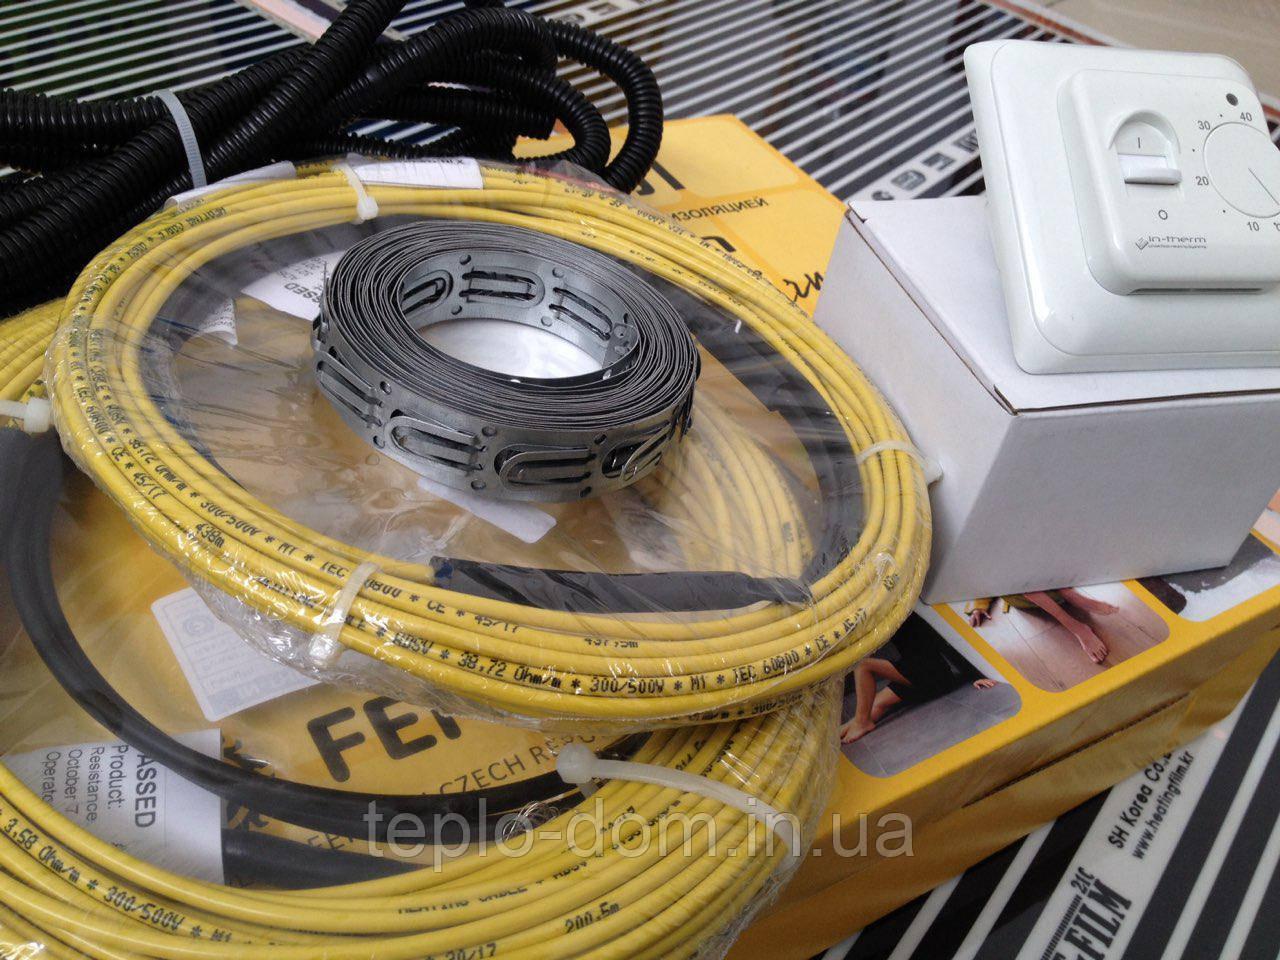 Нагревательный кабель (готовый с терморегулятором) 5.3 м.кв.